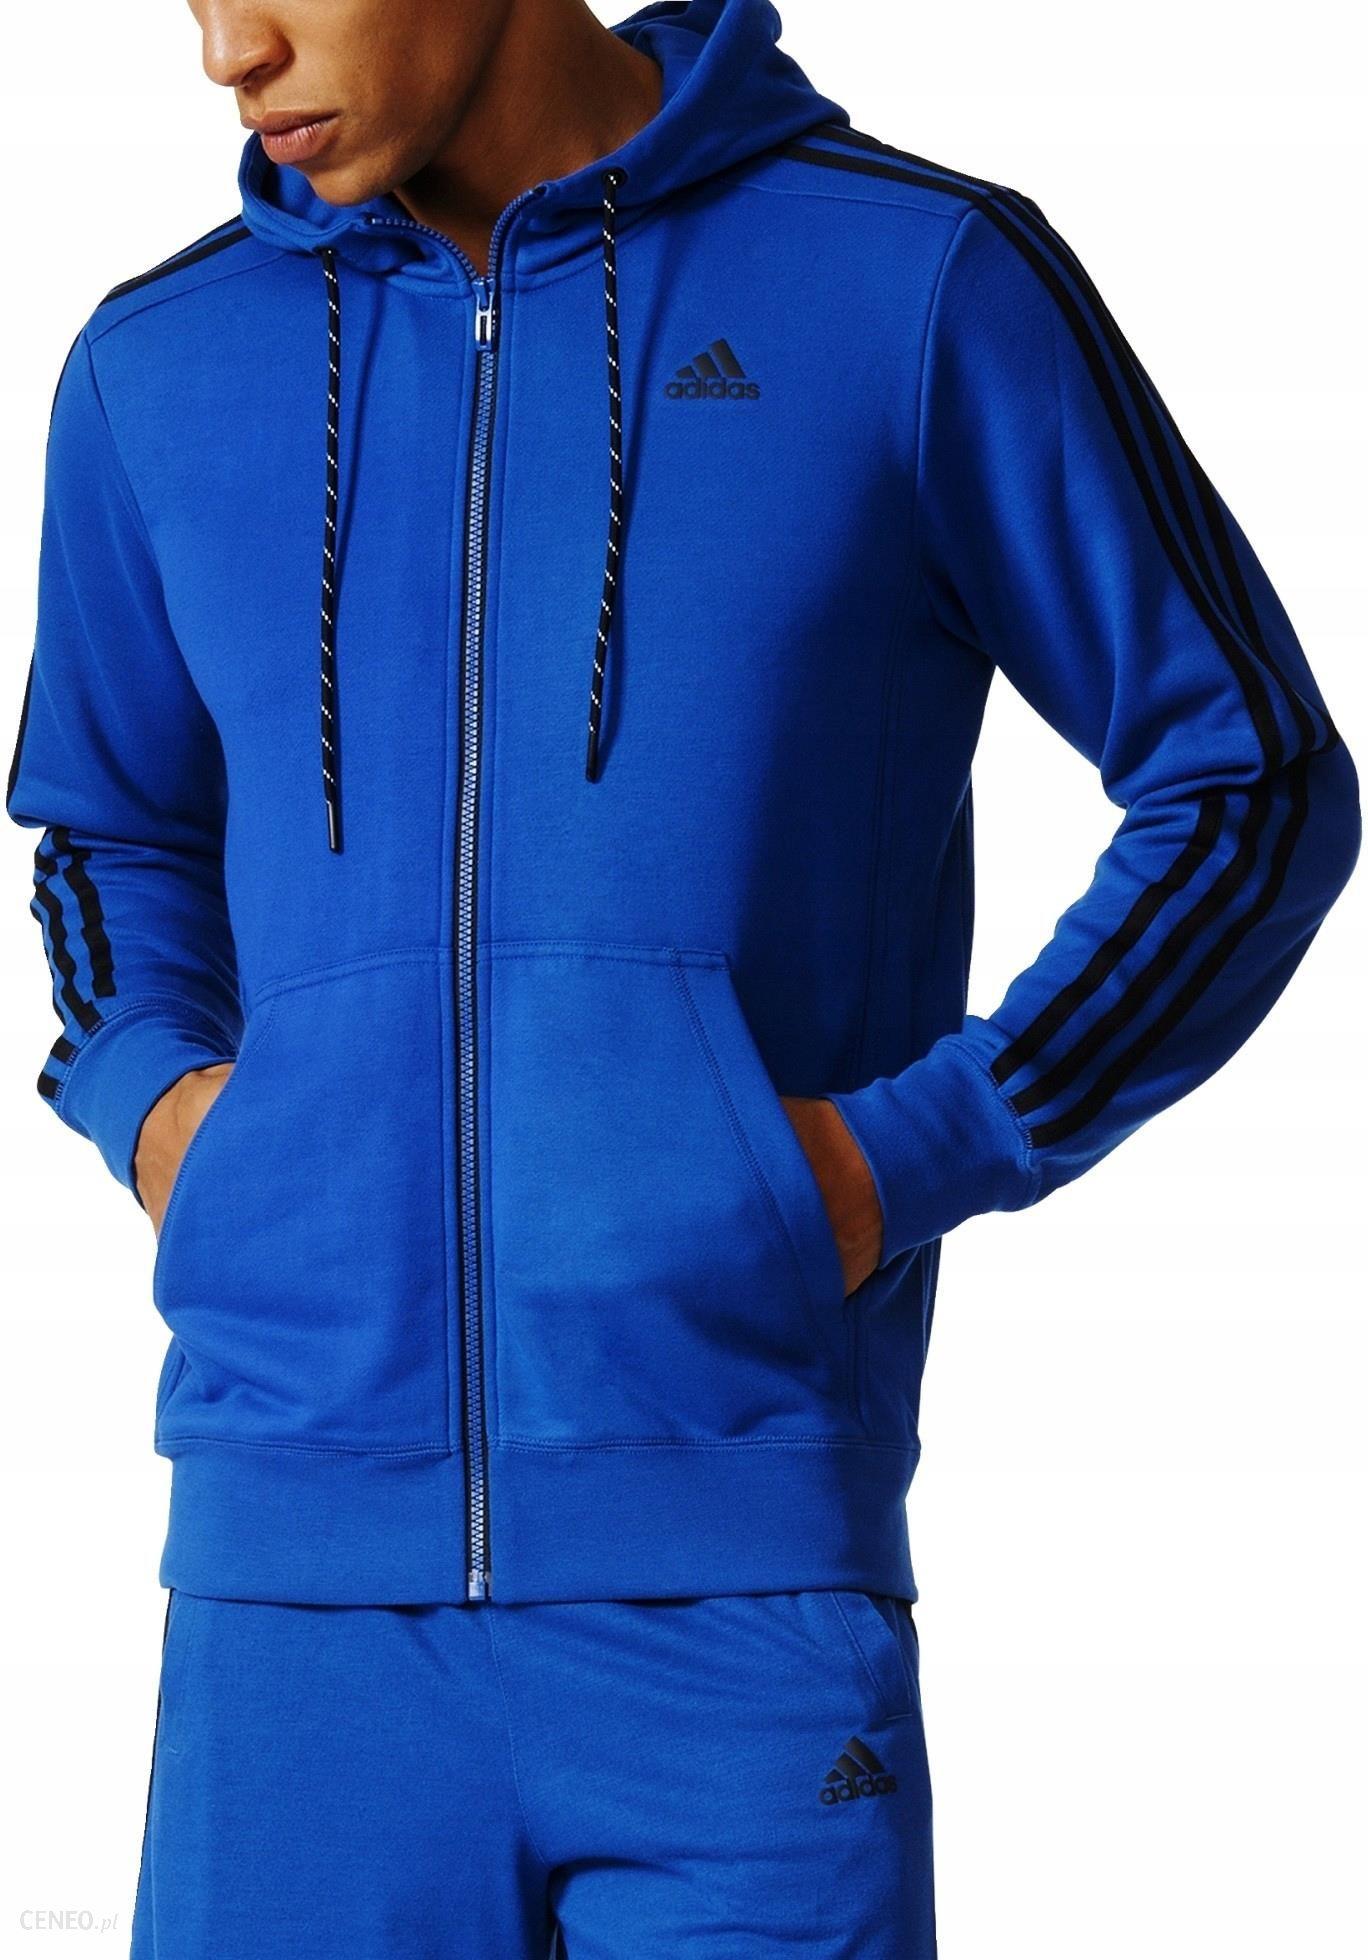 Adidas Bluza Męska Niebieska Climalite AK1744 S Ceny i opinie Ceneo.pl